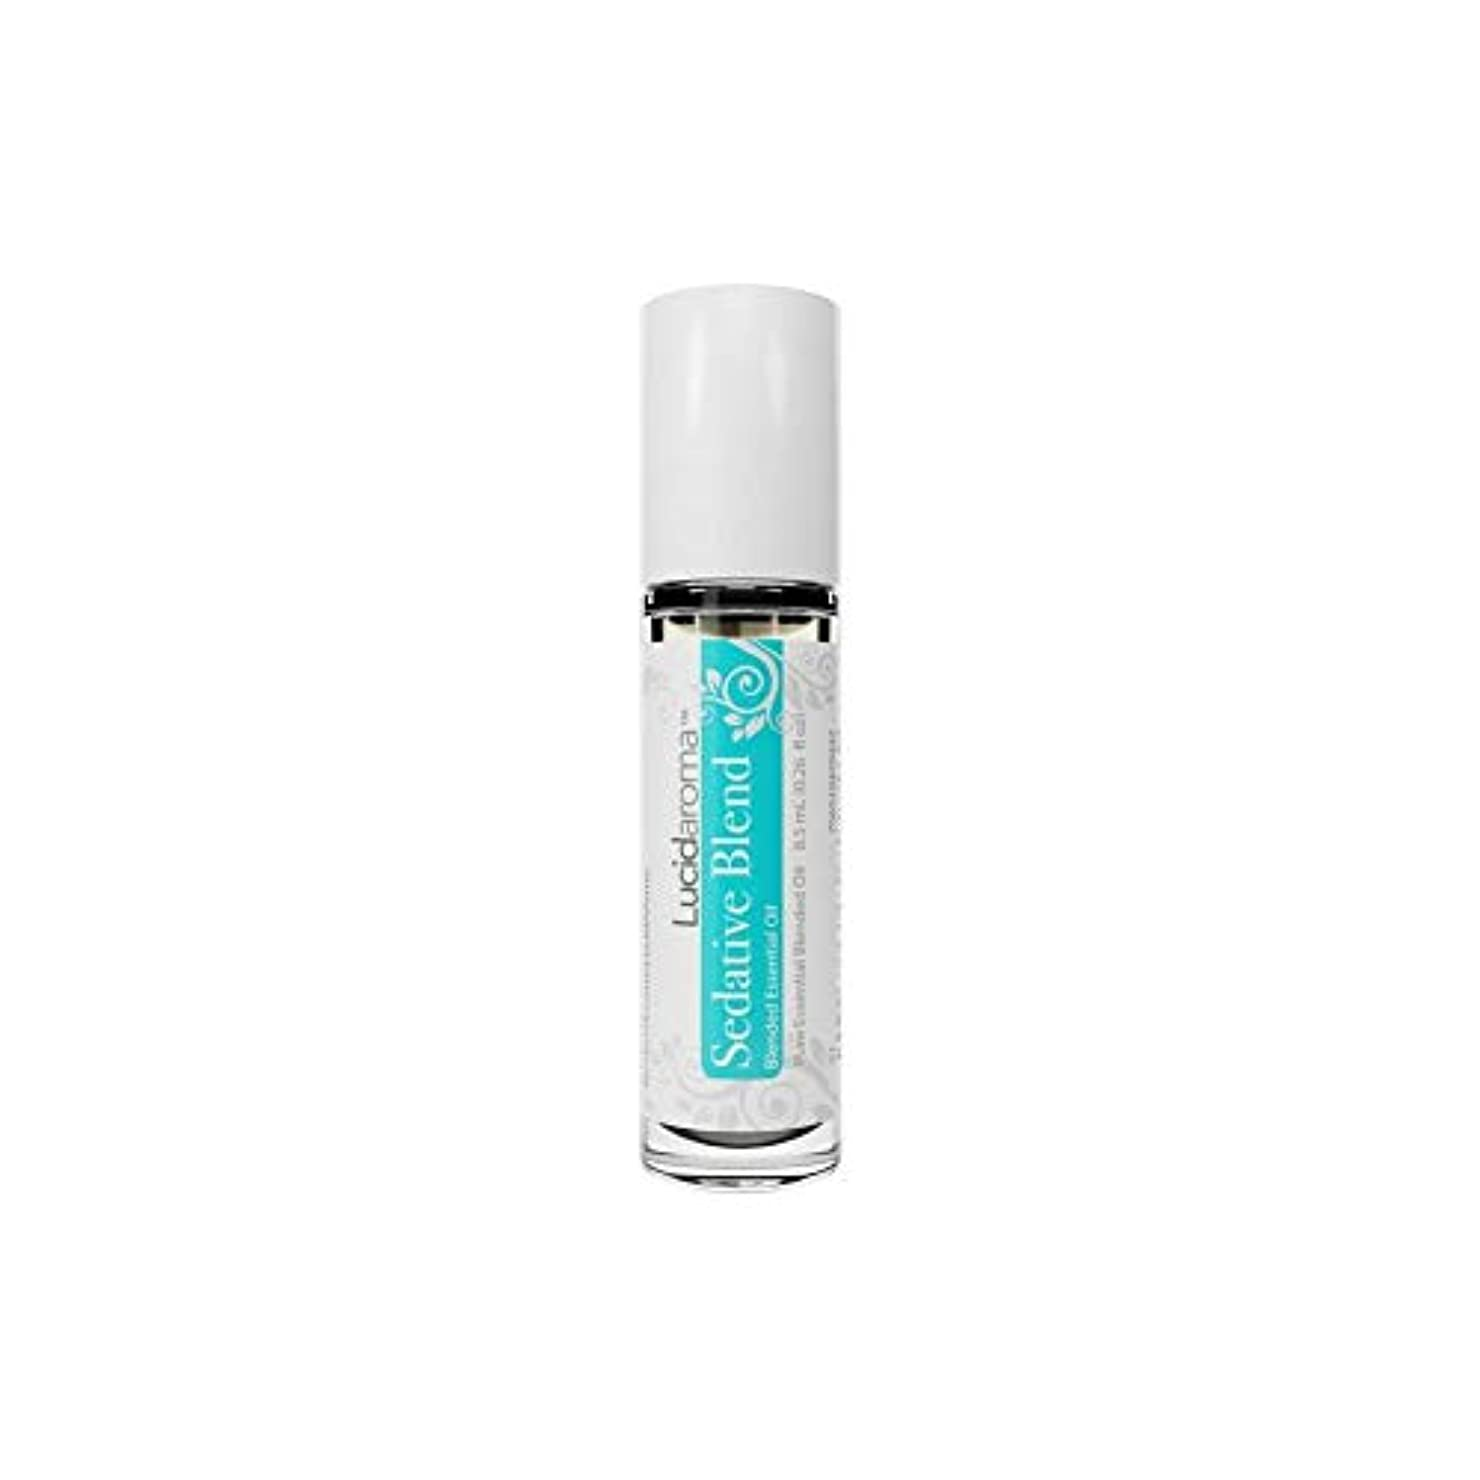 バーターゆるいジョージエリオットLucid Aroma Sedative Blend セダティヴ ブレンド ロールオン アロマオイル 8.5mL (塗るアロマ) 100%天然 携帯便利 ピュア エッセンシャル アメリカ製